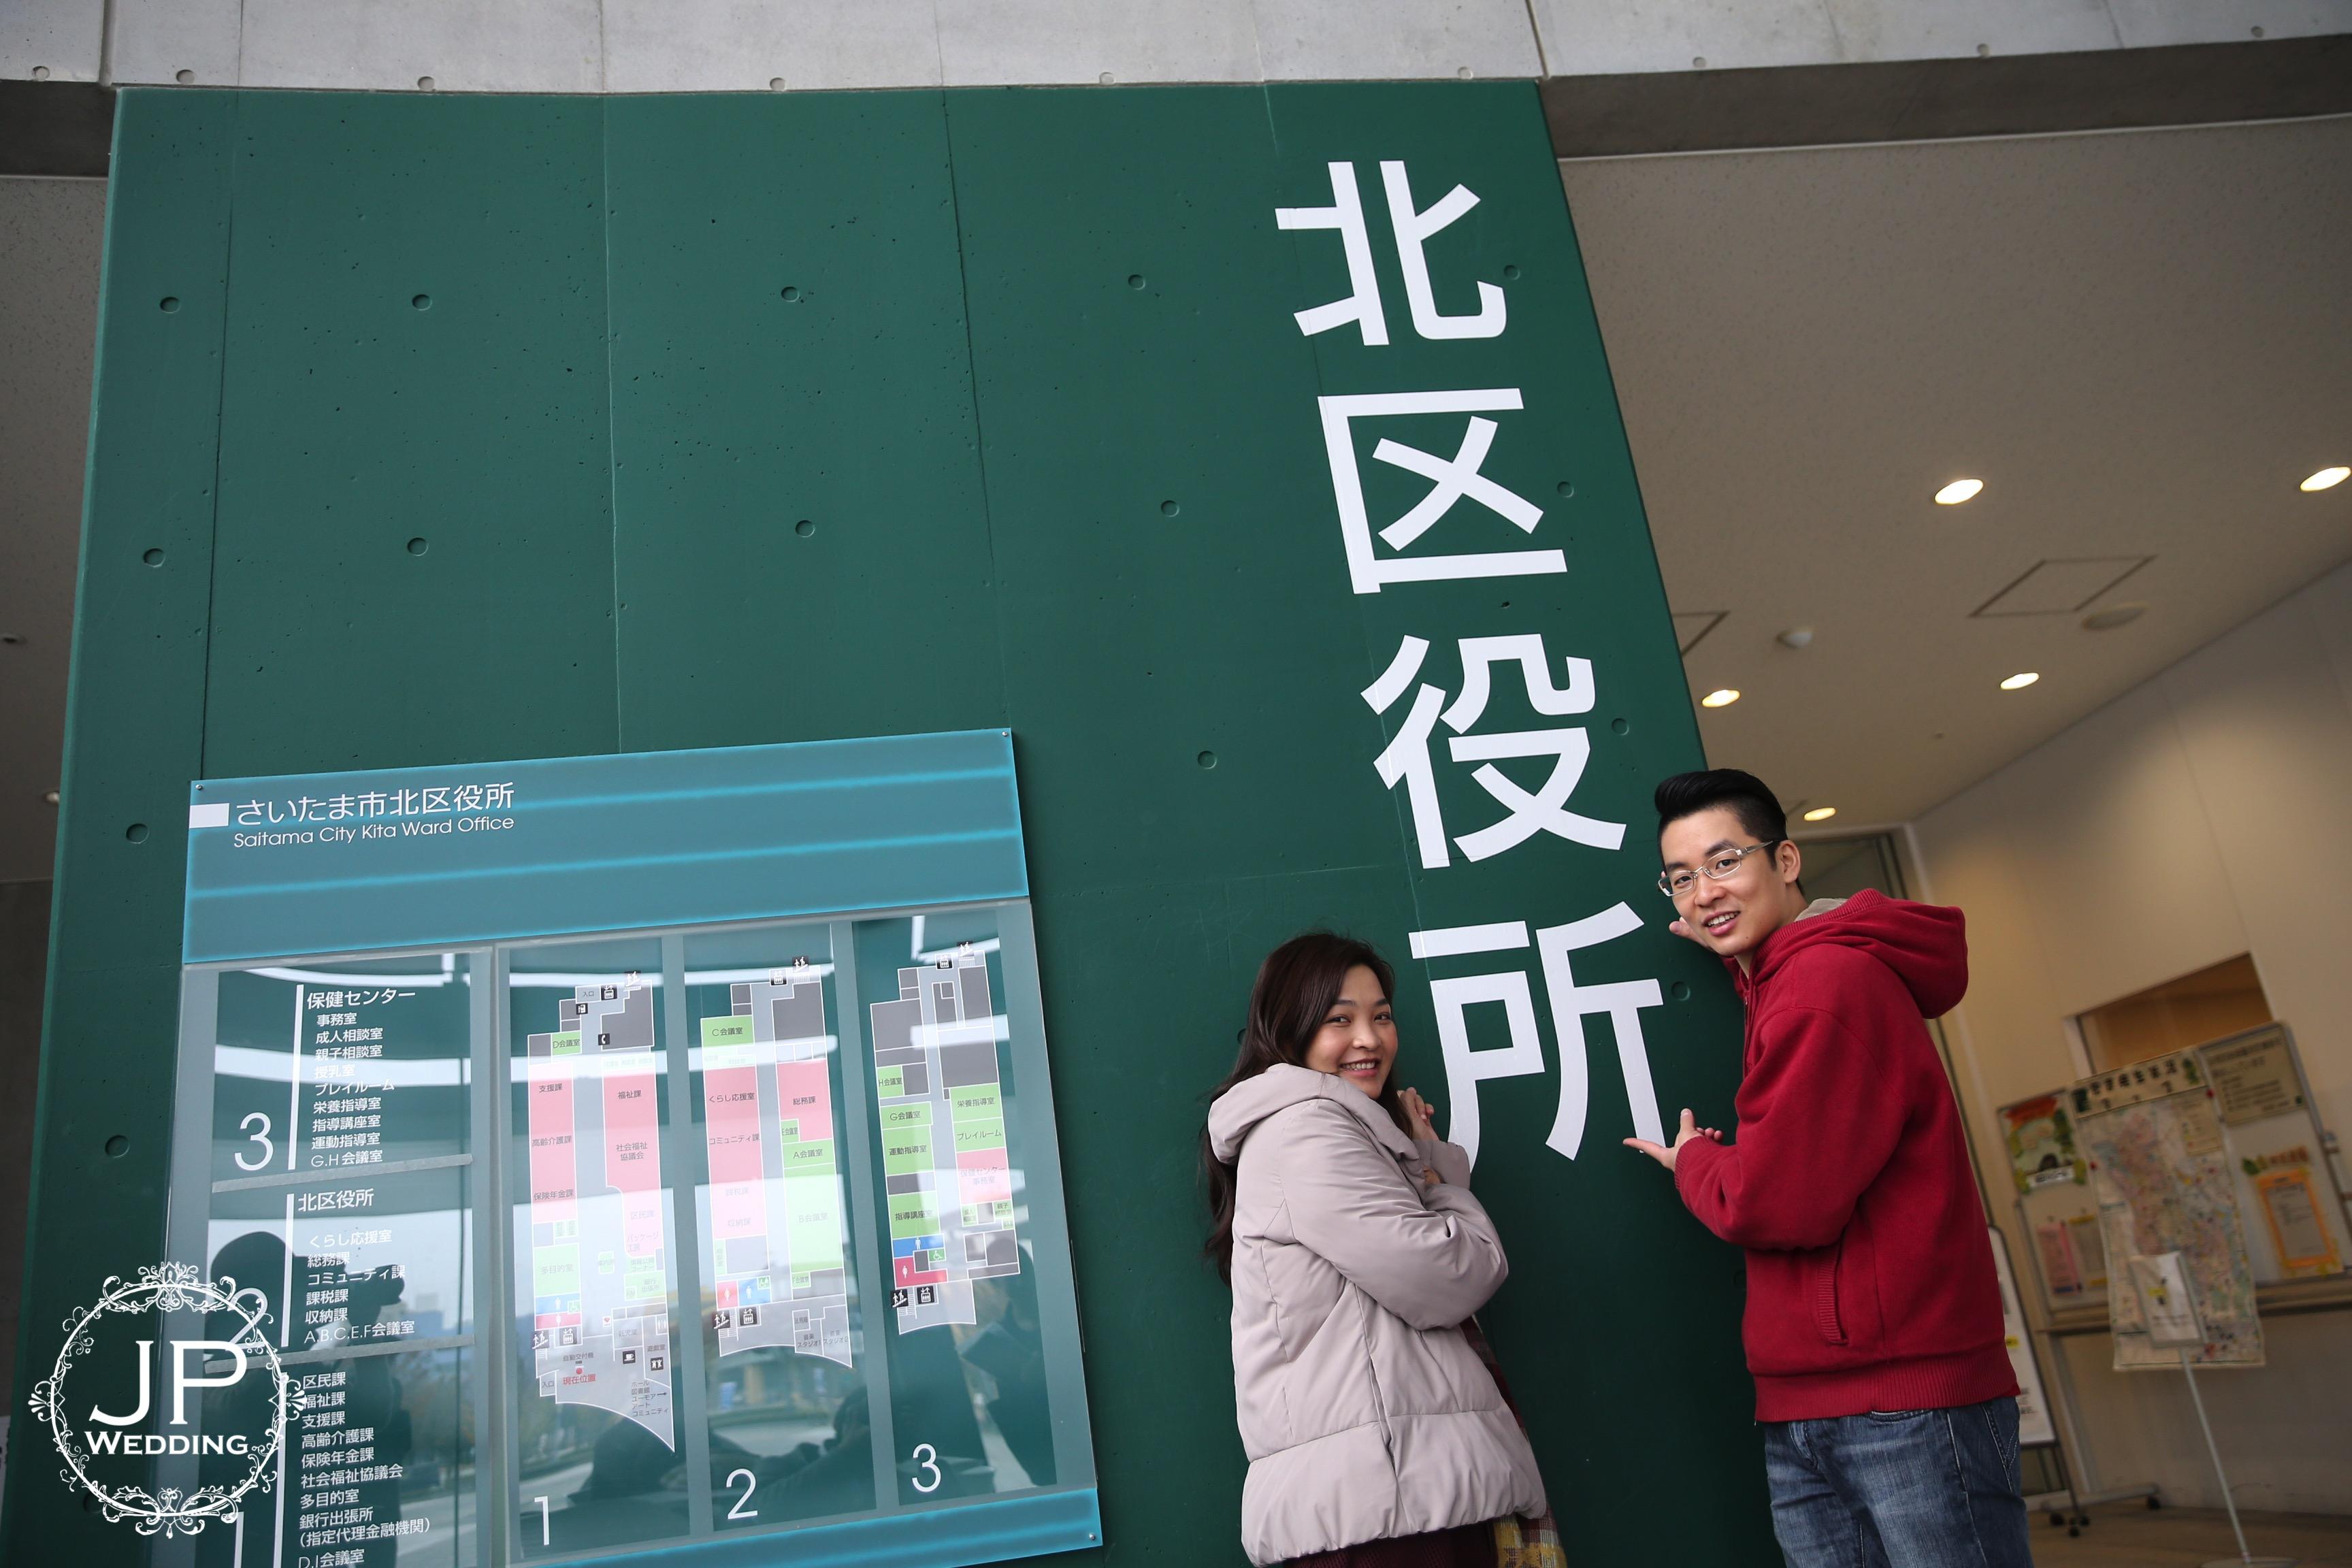 日本合法註冊結婚服務